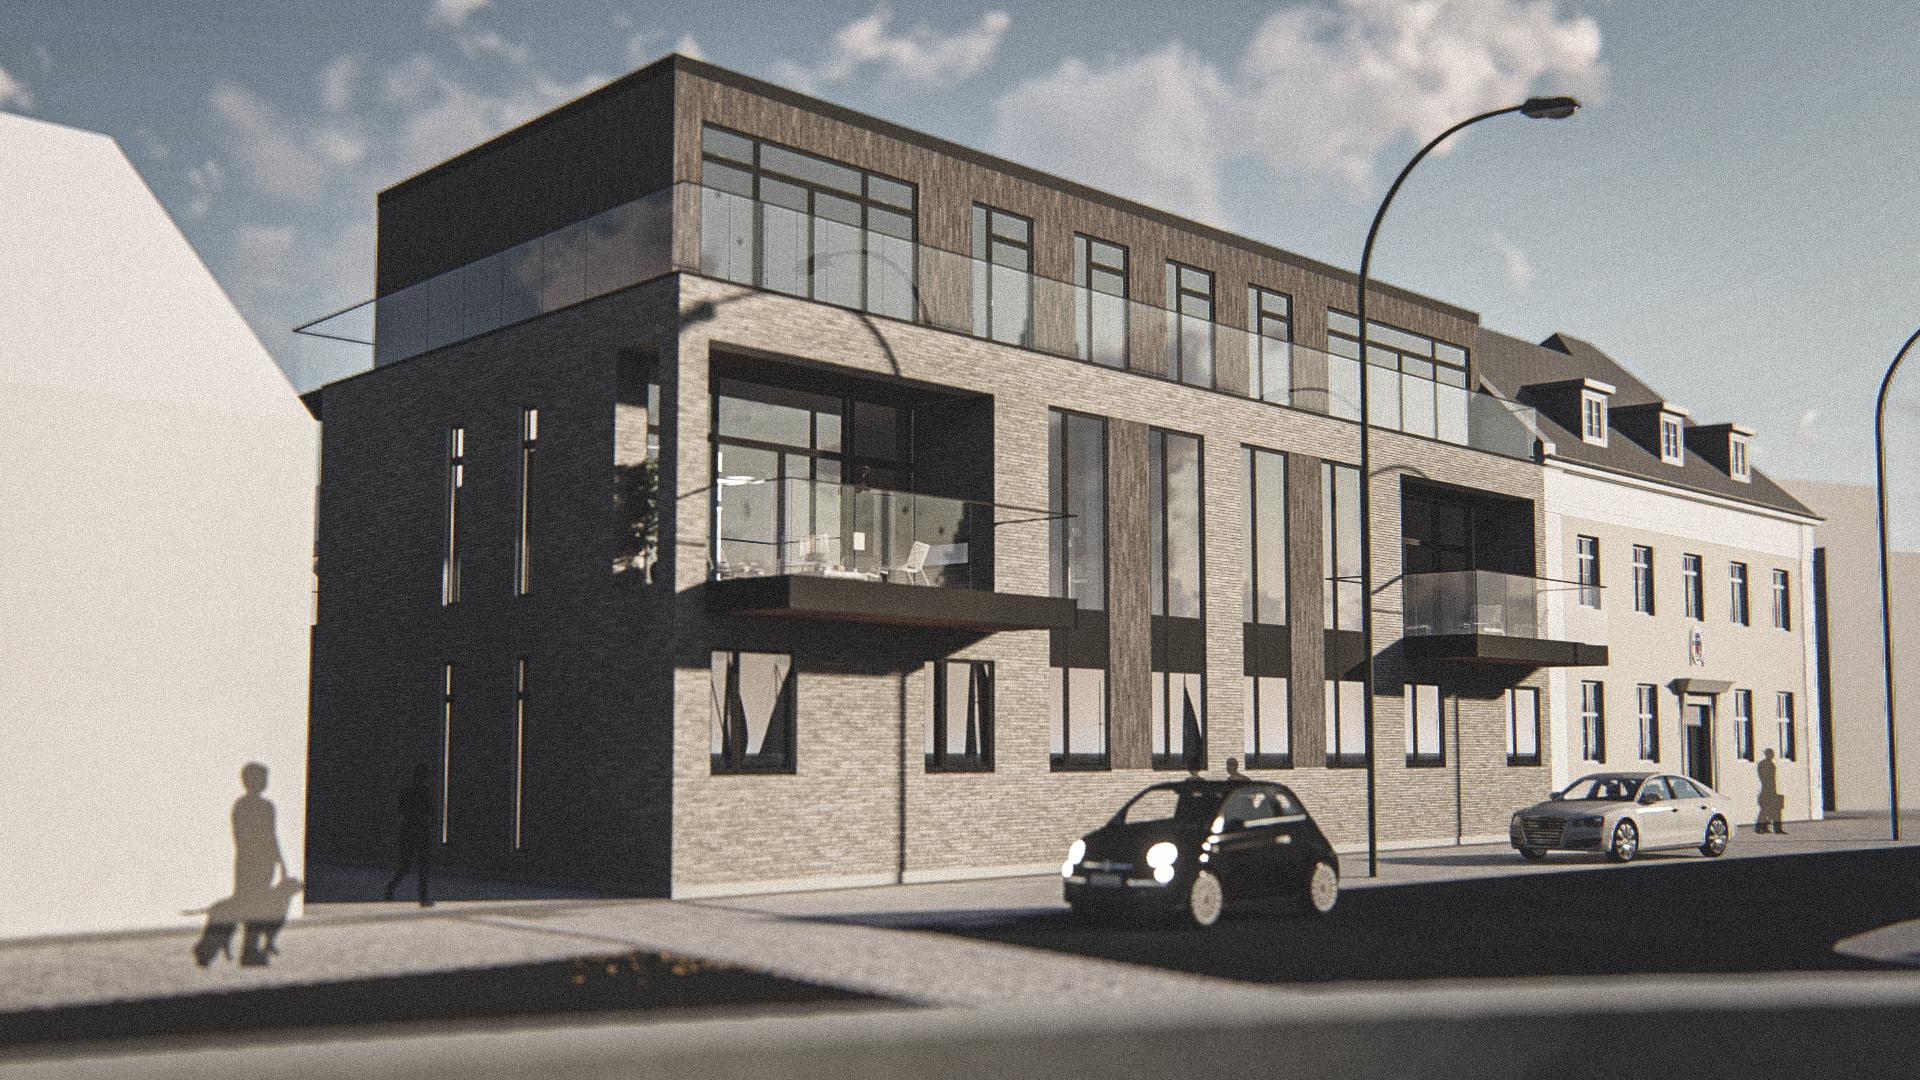 Billede af Dansk arkitekttegnet 3 plan villa af arkitektfirmaet m2plus, i Lemvig på 781 kvartratmeter.